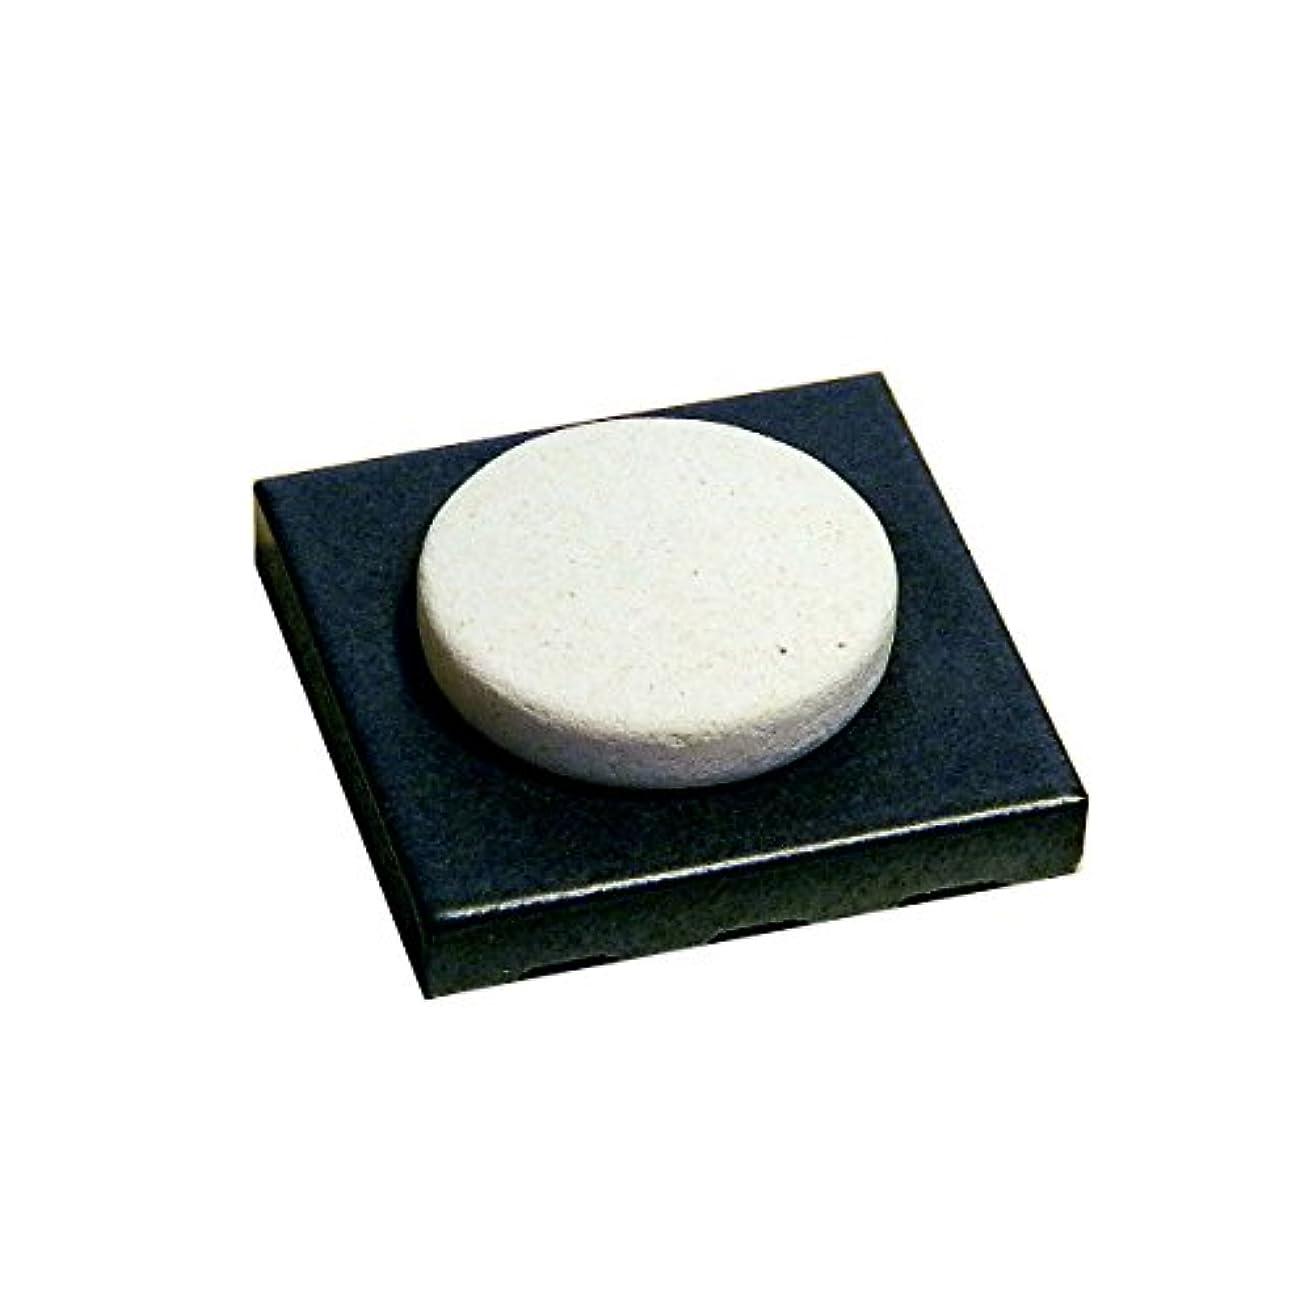 ジョブ手がかり問い合わせる〔立風屋〕珪藻土アロマプレート美濃焼タイルセット ブラック(黒) RPAP-01003-BK